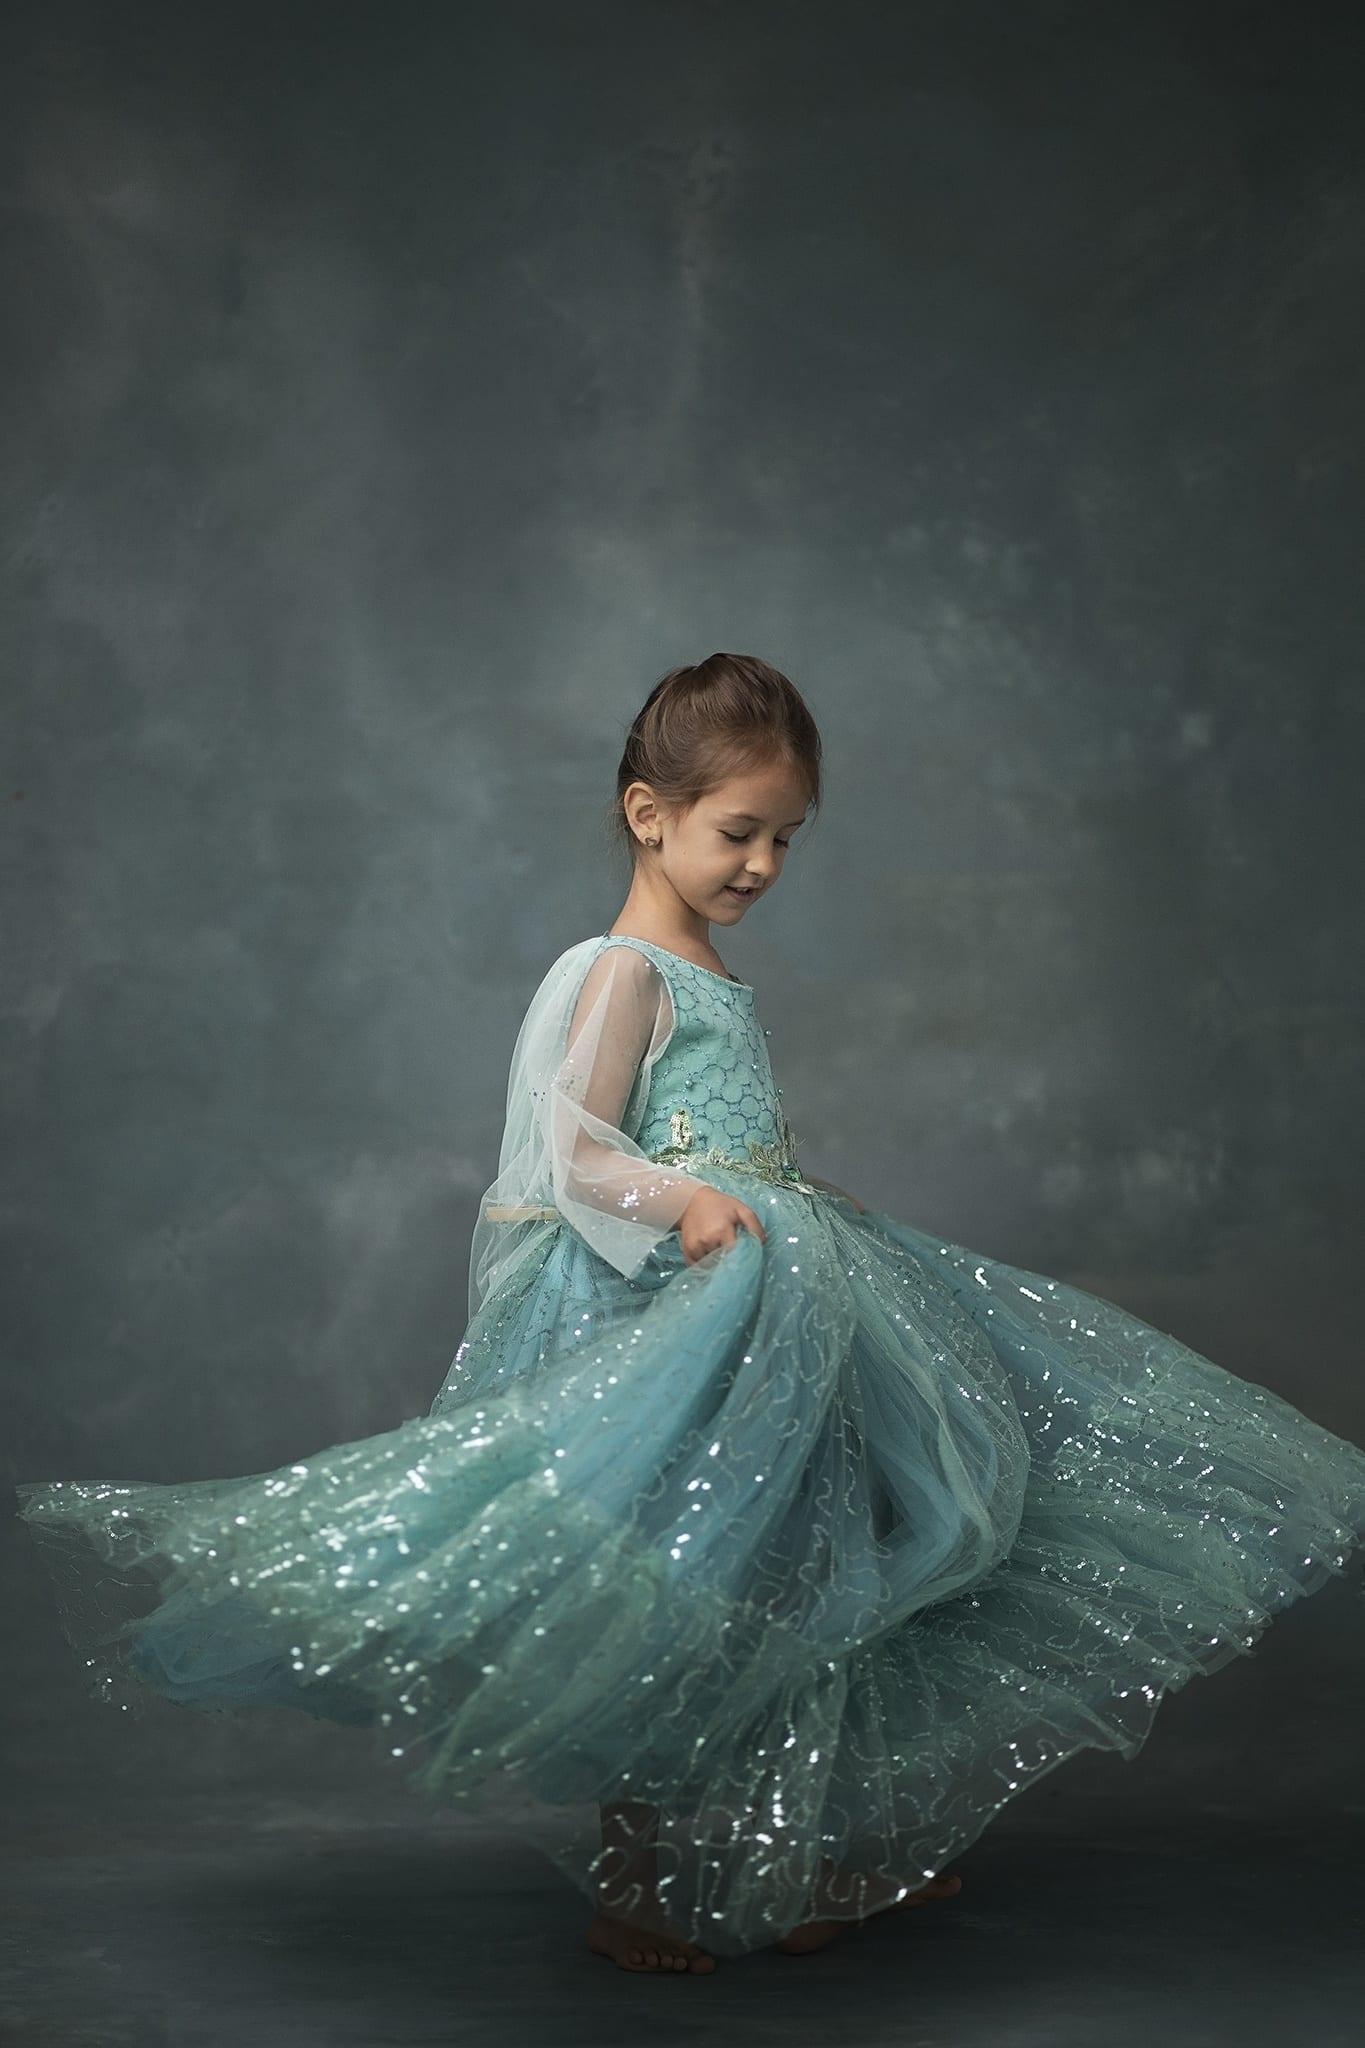 Jégvarázs hercegnős születésnapi gyermekfotózás budapesti műteremben